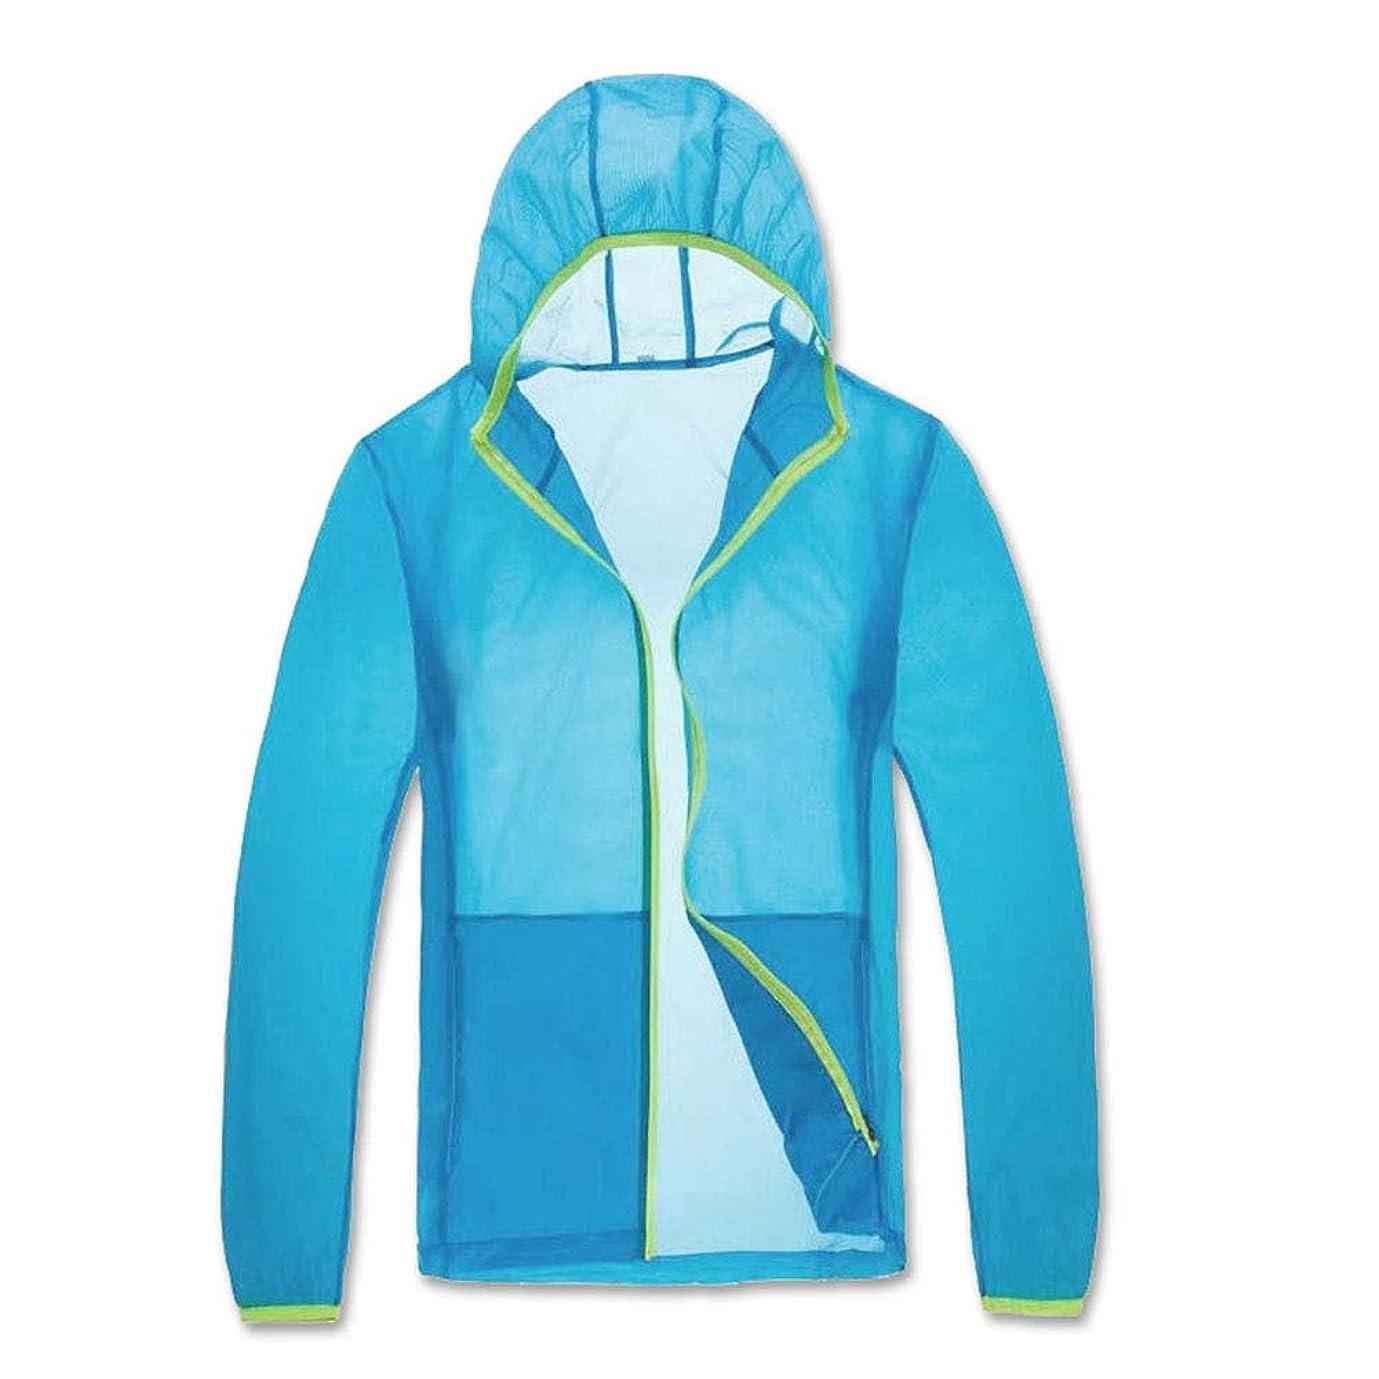 代わりにを立てる従順驚くべき夏のエアコン衣類ファン冷却衣服冷却ジャケット日焼け止め防蚊防水ジャケットスキンコート,Blue,L